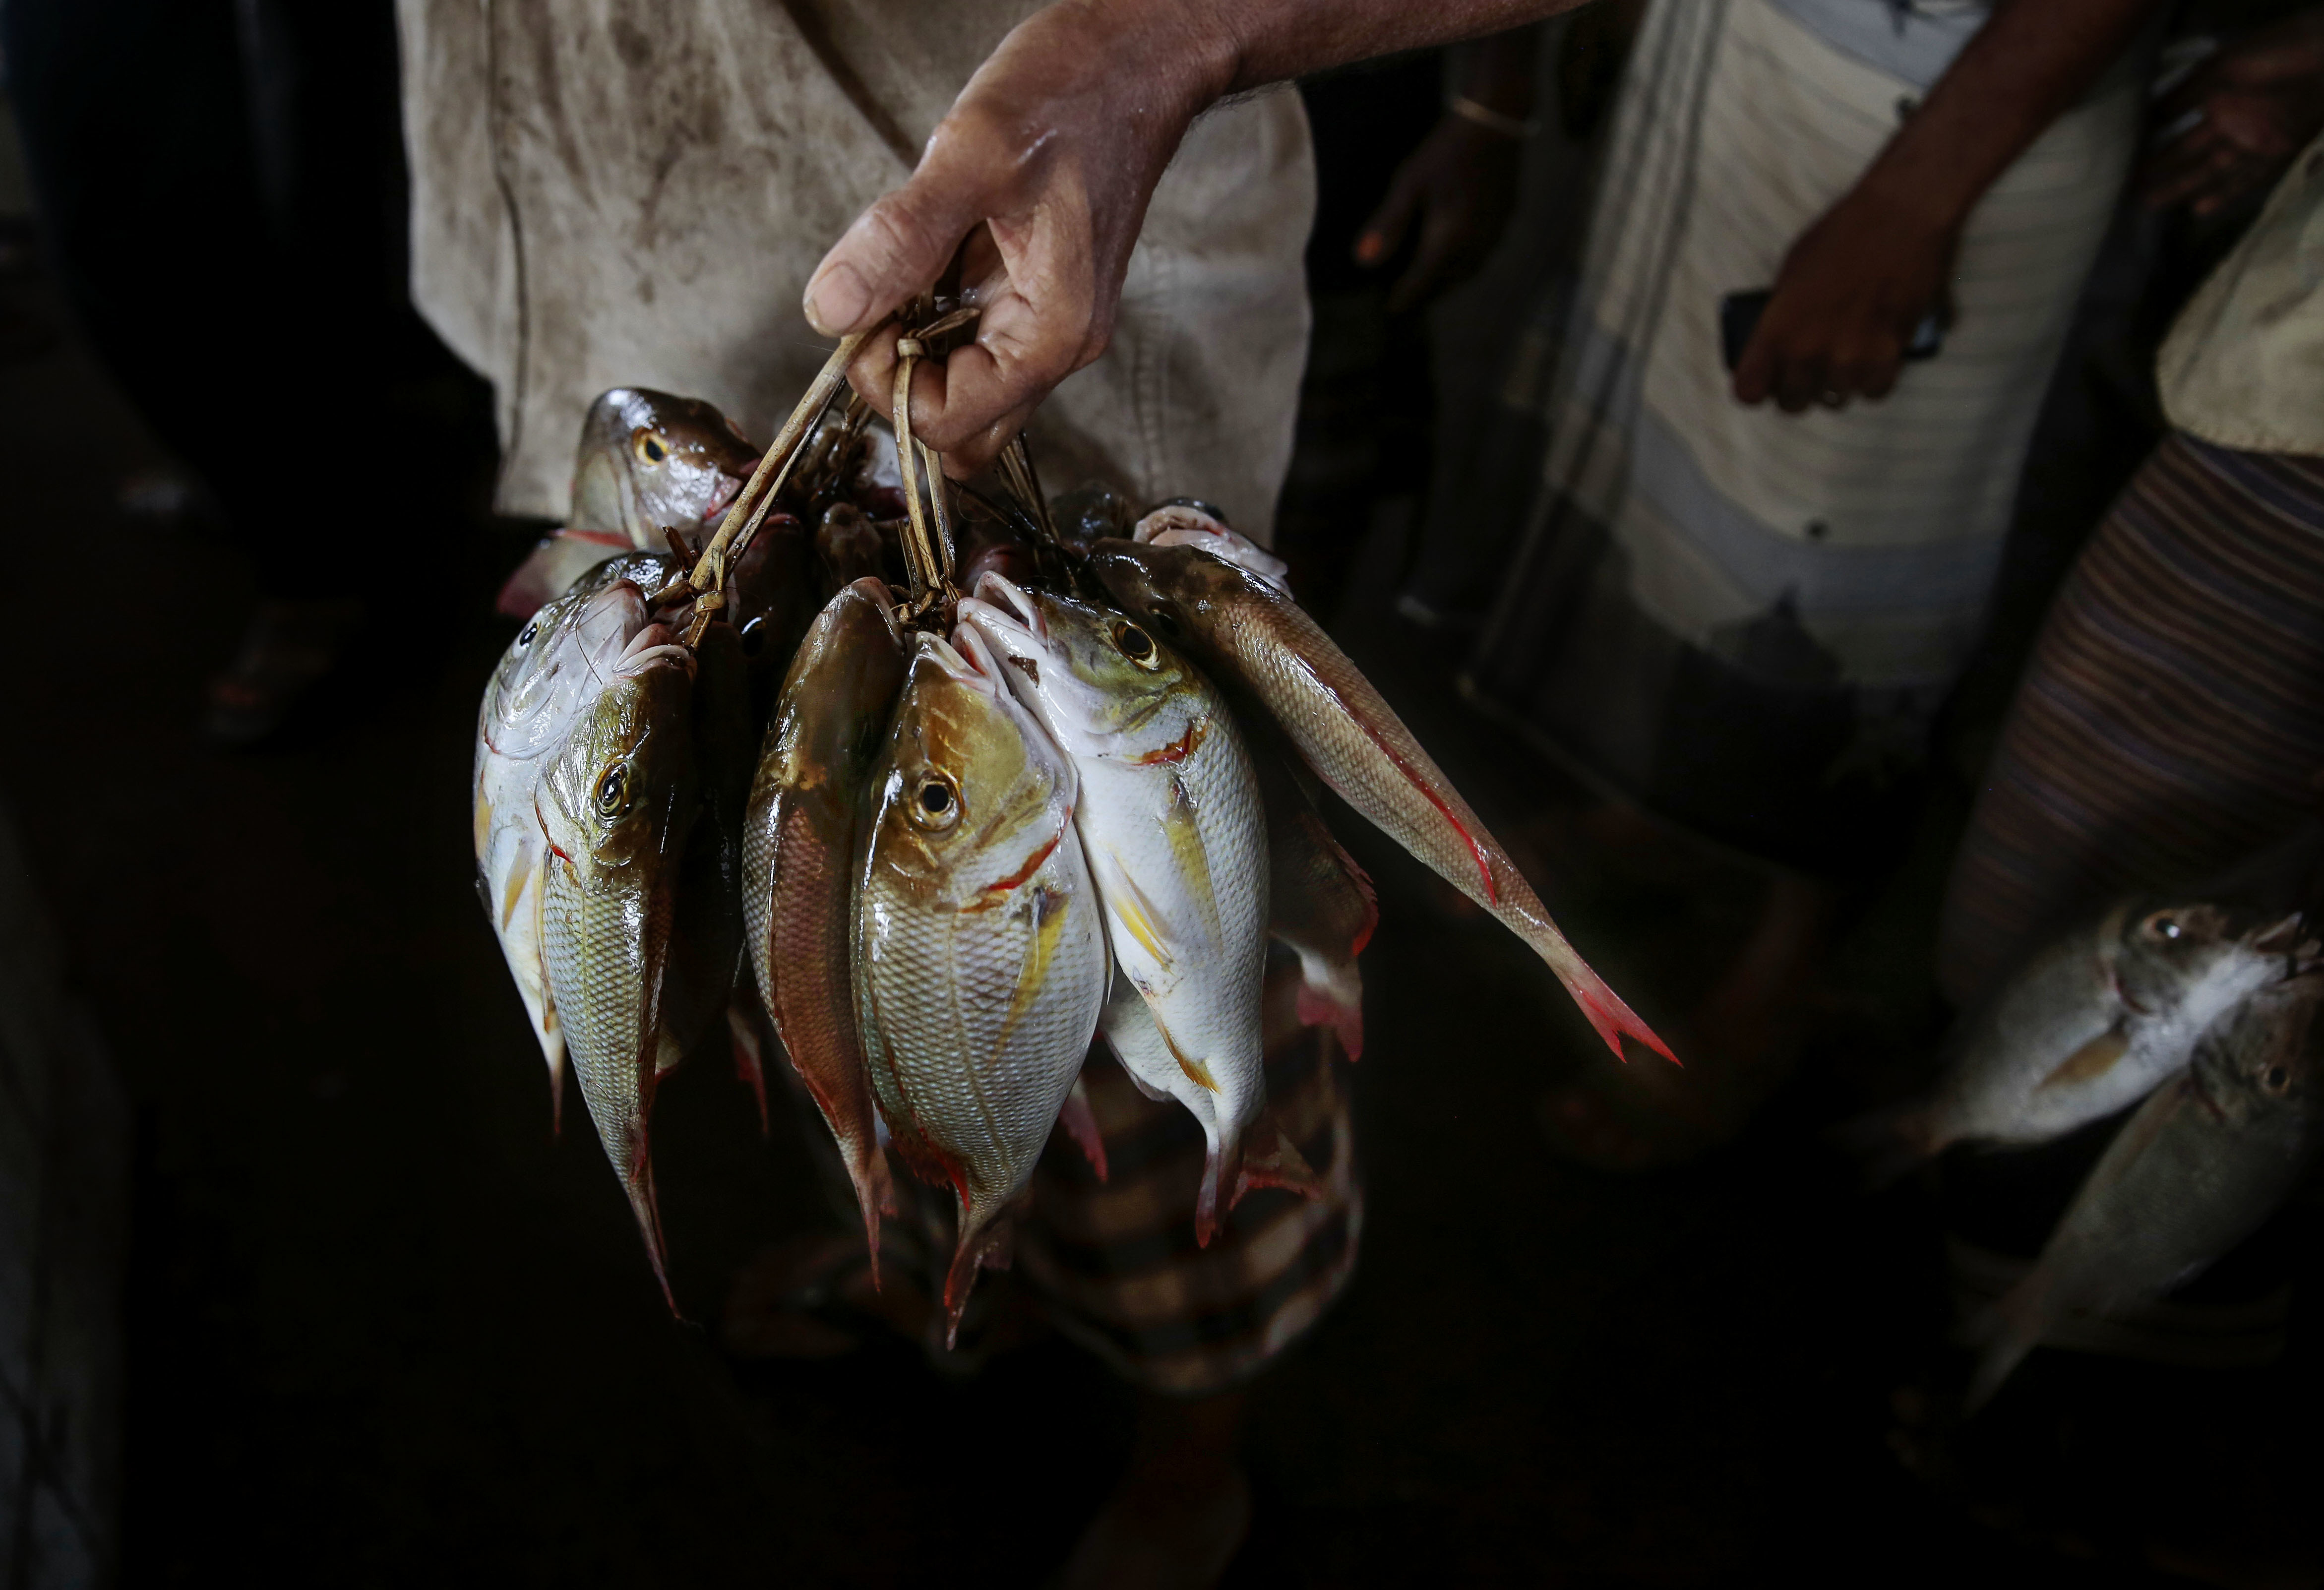 漁民以往捕魚會花上15天時間,但沙特聯軍空襲漁船,生命受到威脅,現捕魚只會用上數天。捕魚成本大增,格價上升,也門平民開始不能負擔買魚。圖為一名漁民展示漁獲。